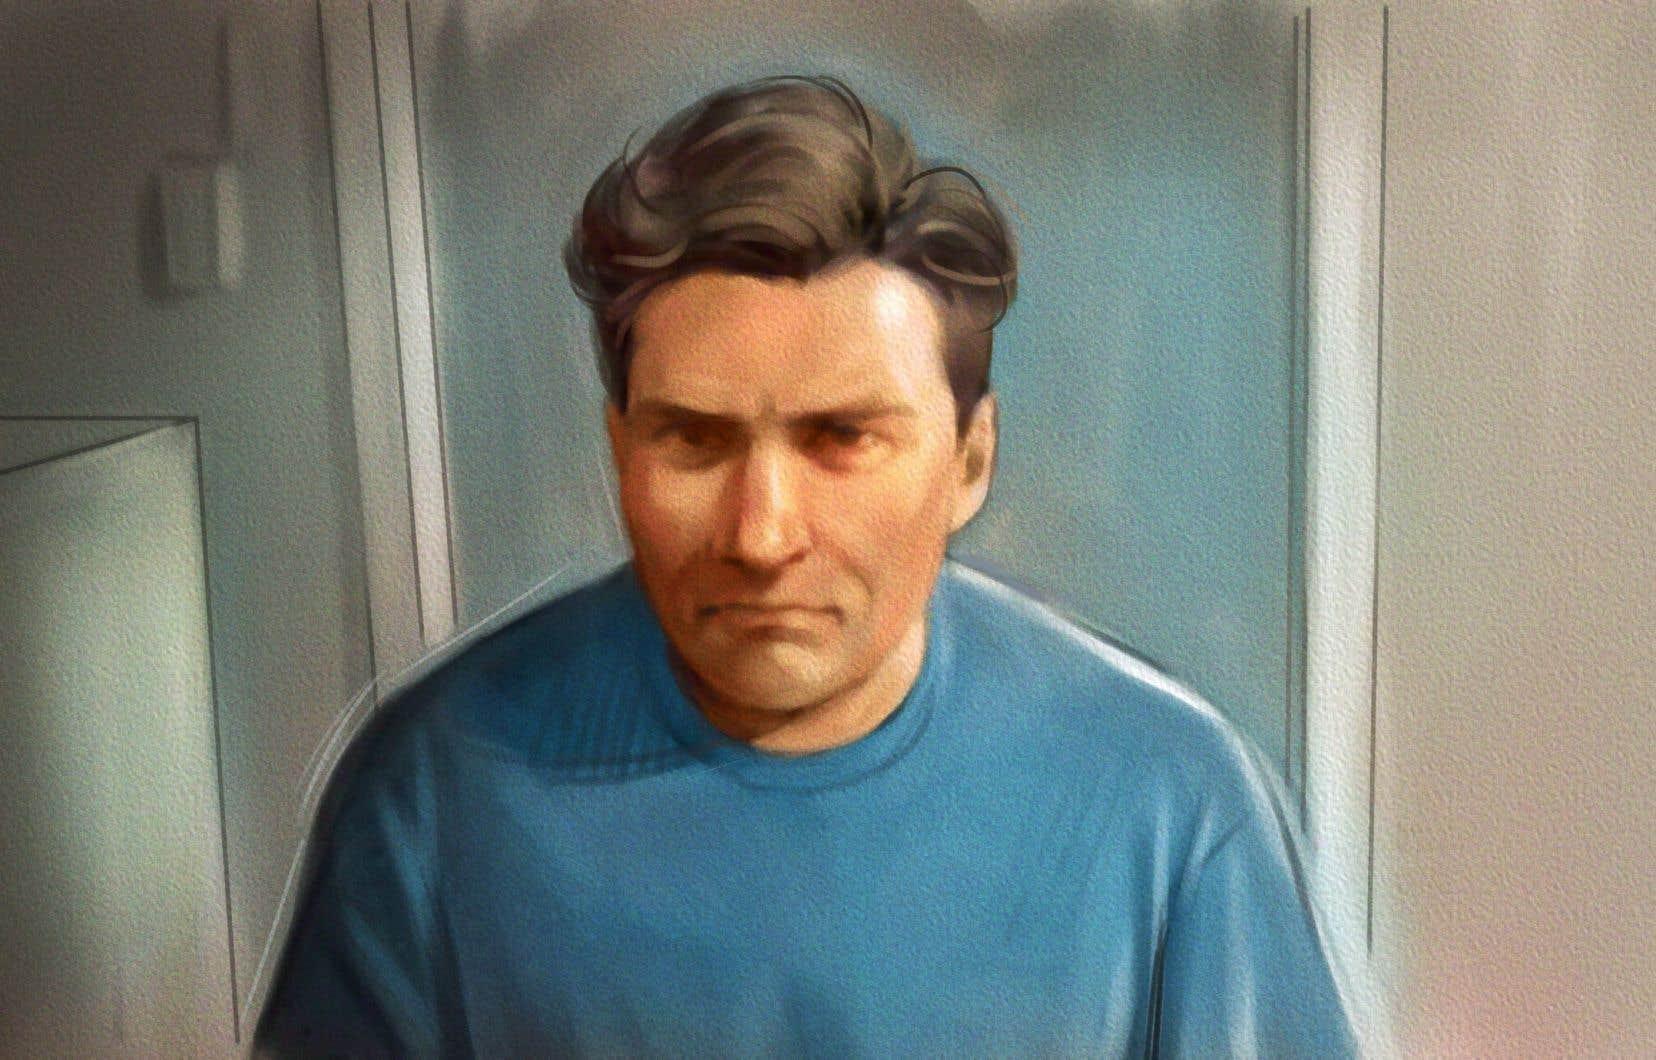 Deux agents de la Commission des libérations conditionnelles du Canada ont mis environ une heure à rejeter la demande de libération conditionnelle de Paul Bernardo.